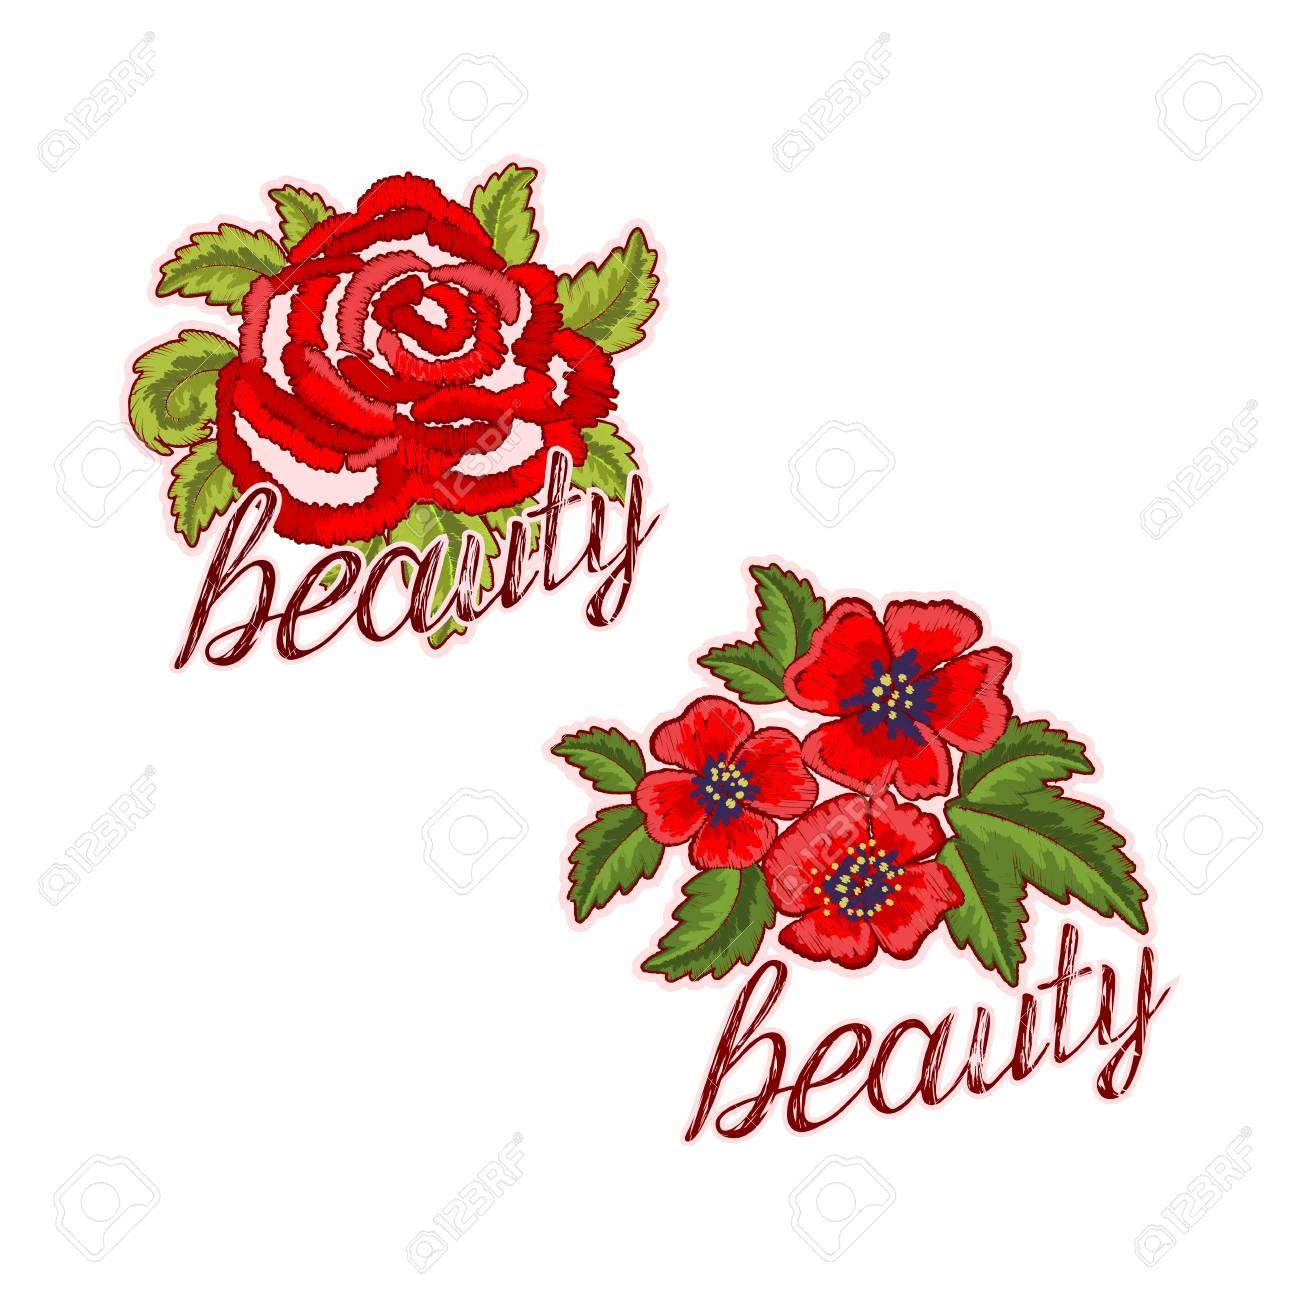 Parches Florales Y Pegatinas Bordadas Con Texto De Belleza. Flores ...